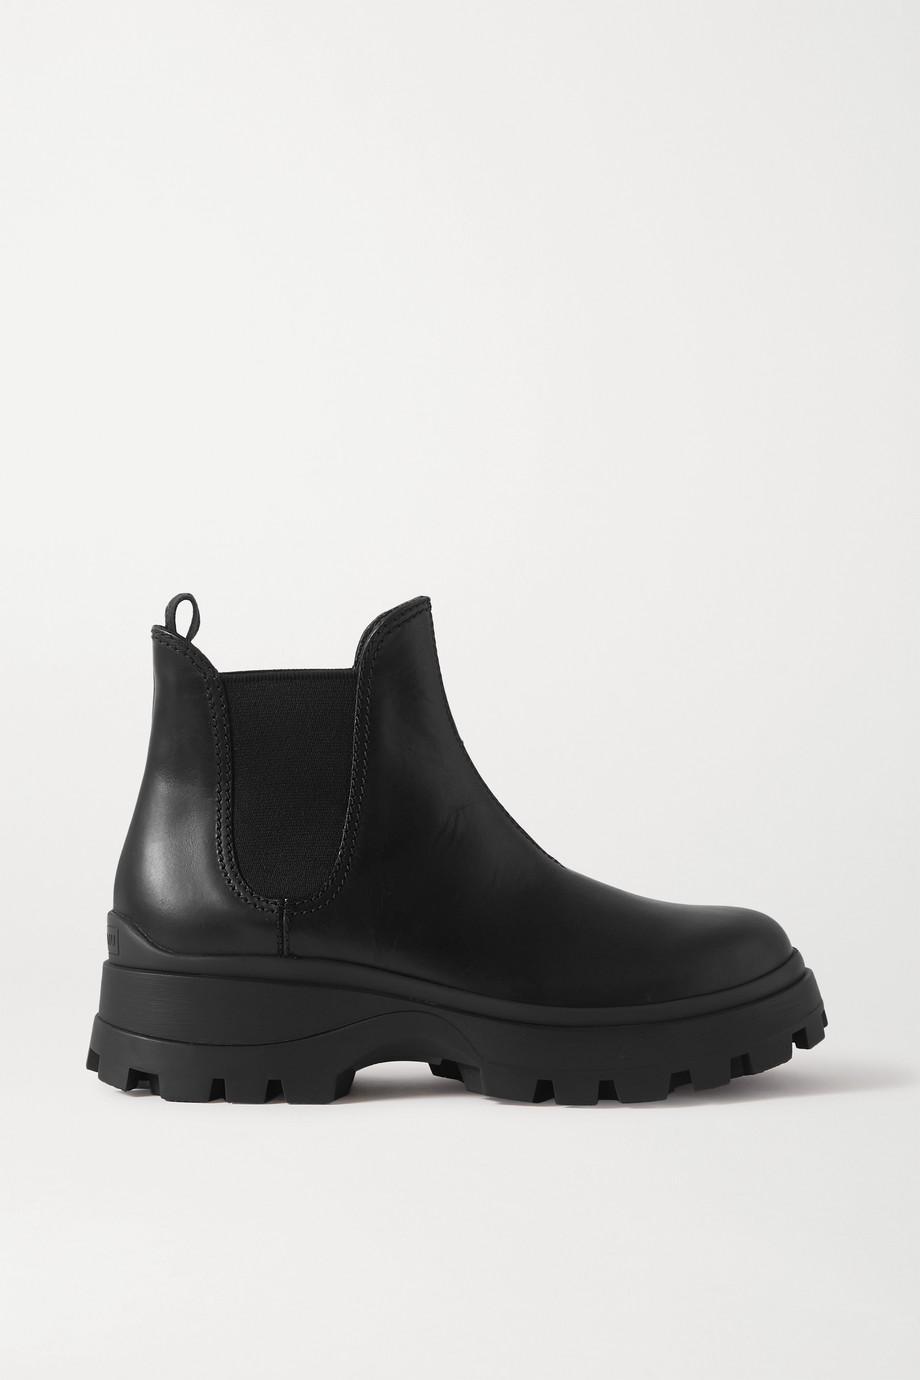 Miu Miu Leather Chelsea boots